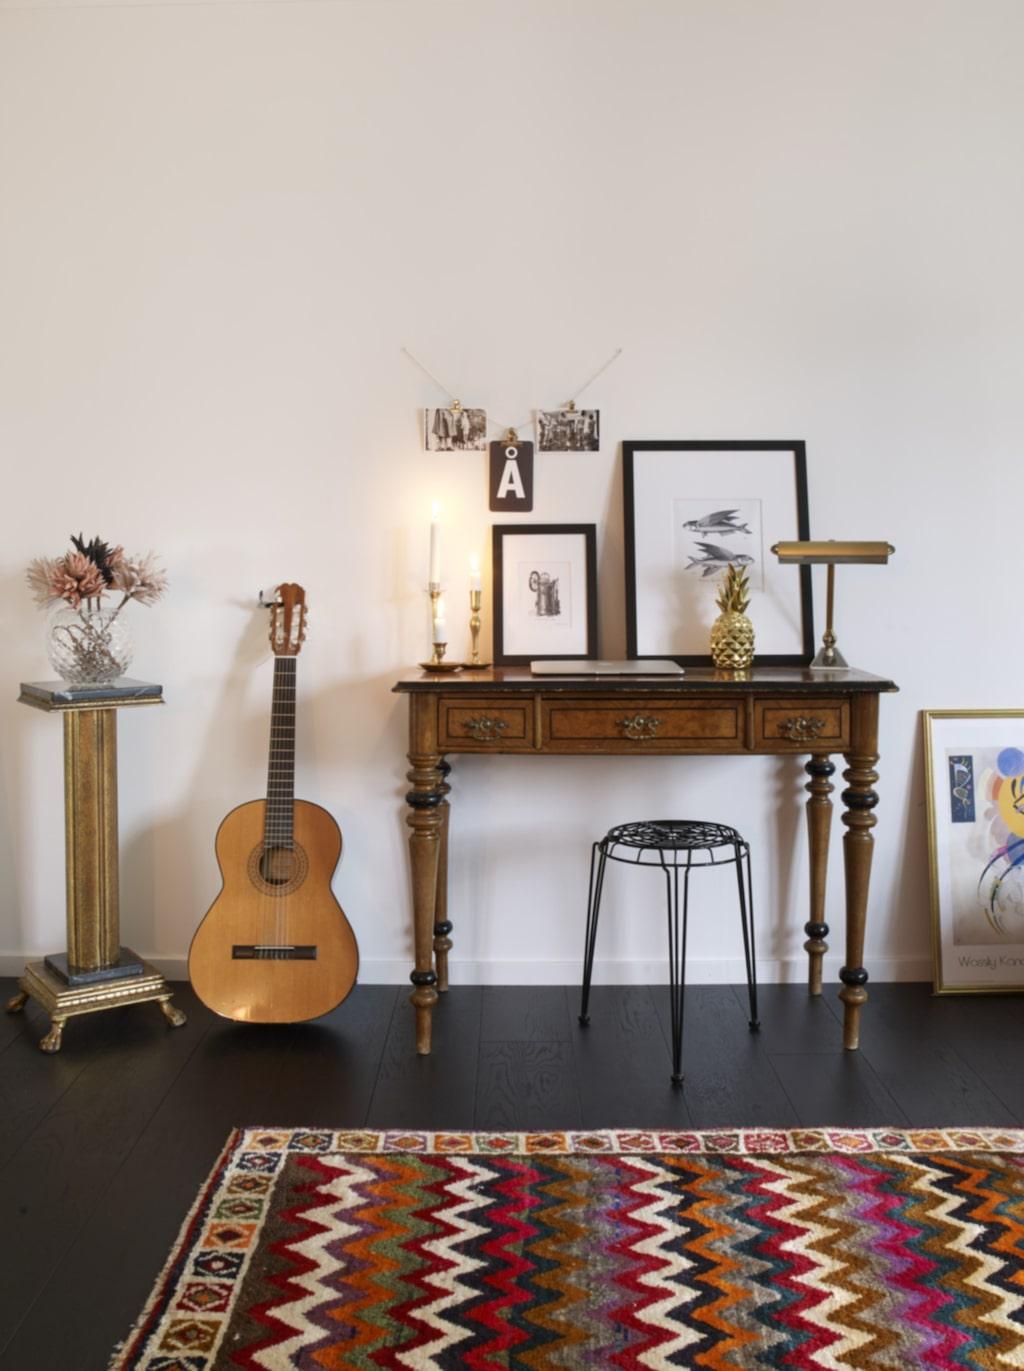 Skrivbord. Lovisa föll för skrivbordet på en auktion och köpte det fast hon egentligen inte hade någon plats för det hemma, vilket resulterade i att hon fick möblera om och plocka bort andra saker. Mattan är handgjord och kommer från Grekland.